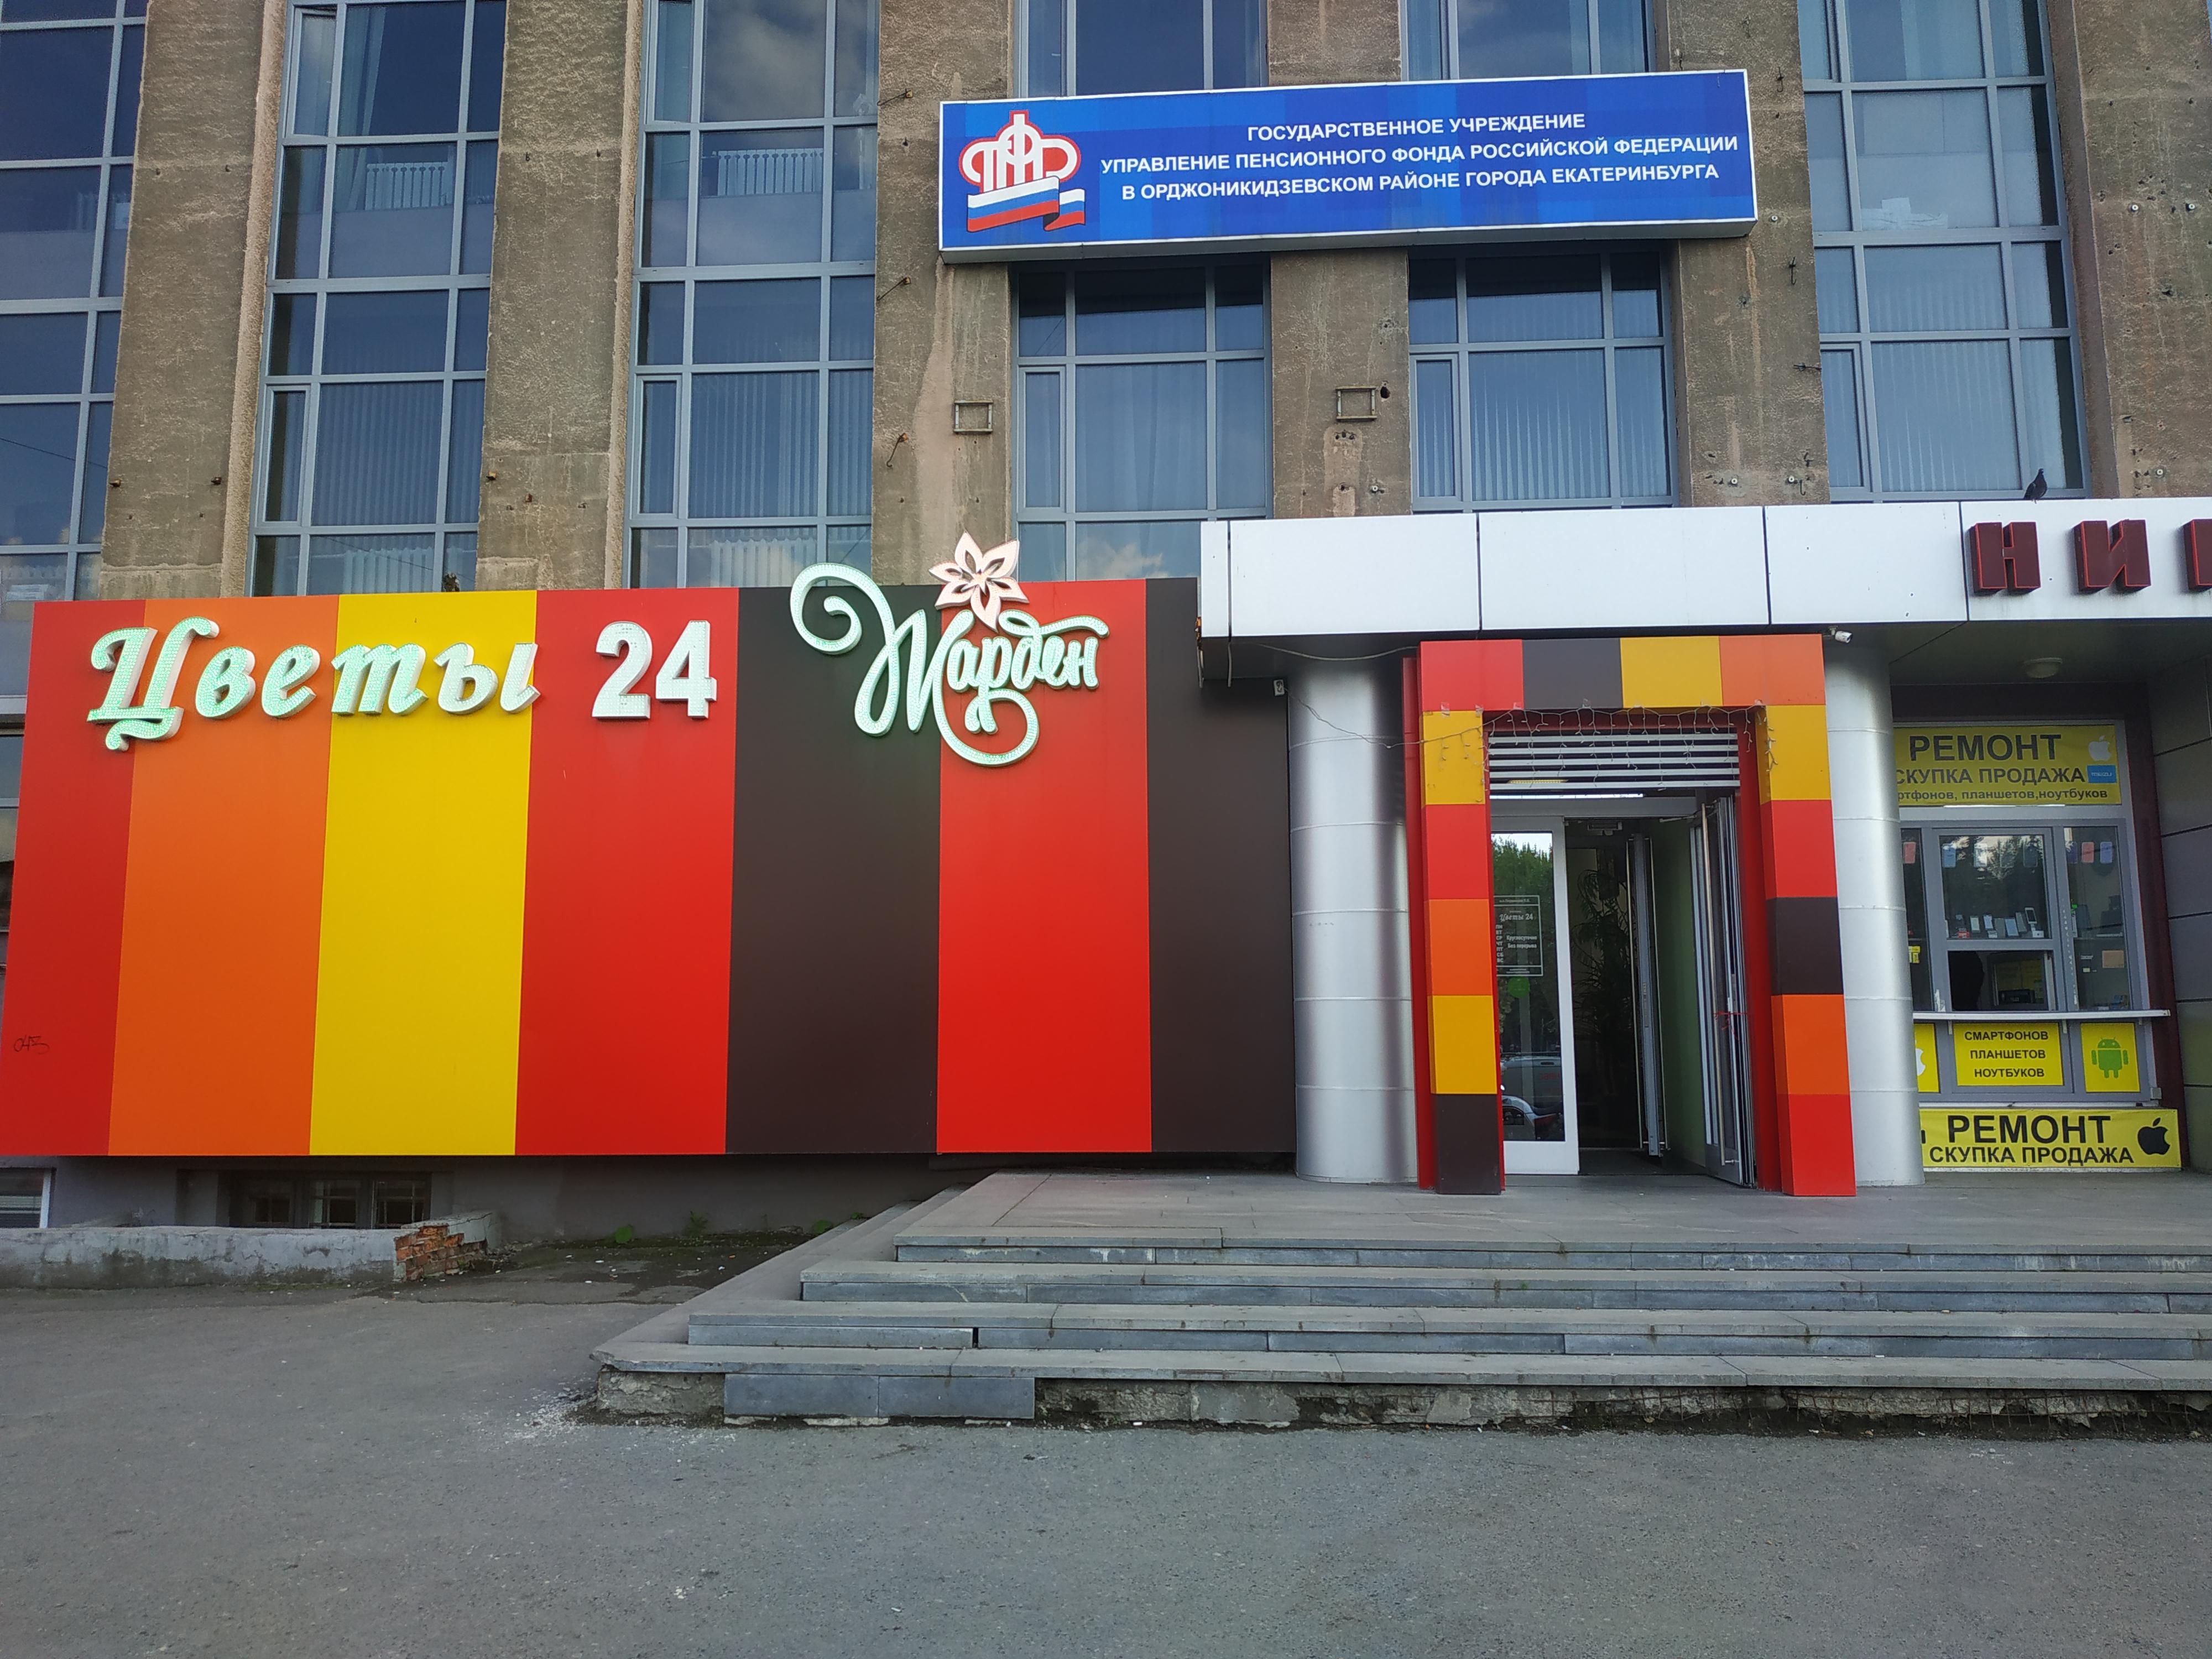 Доставка цветов пермь орджоникидзевский район низкие цены